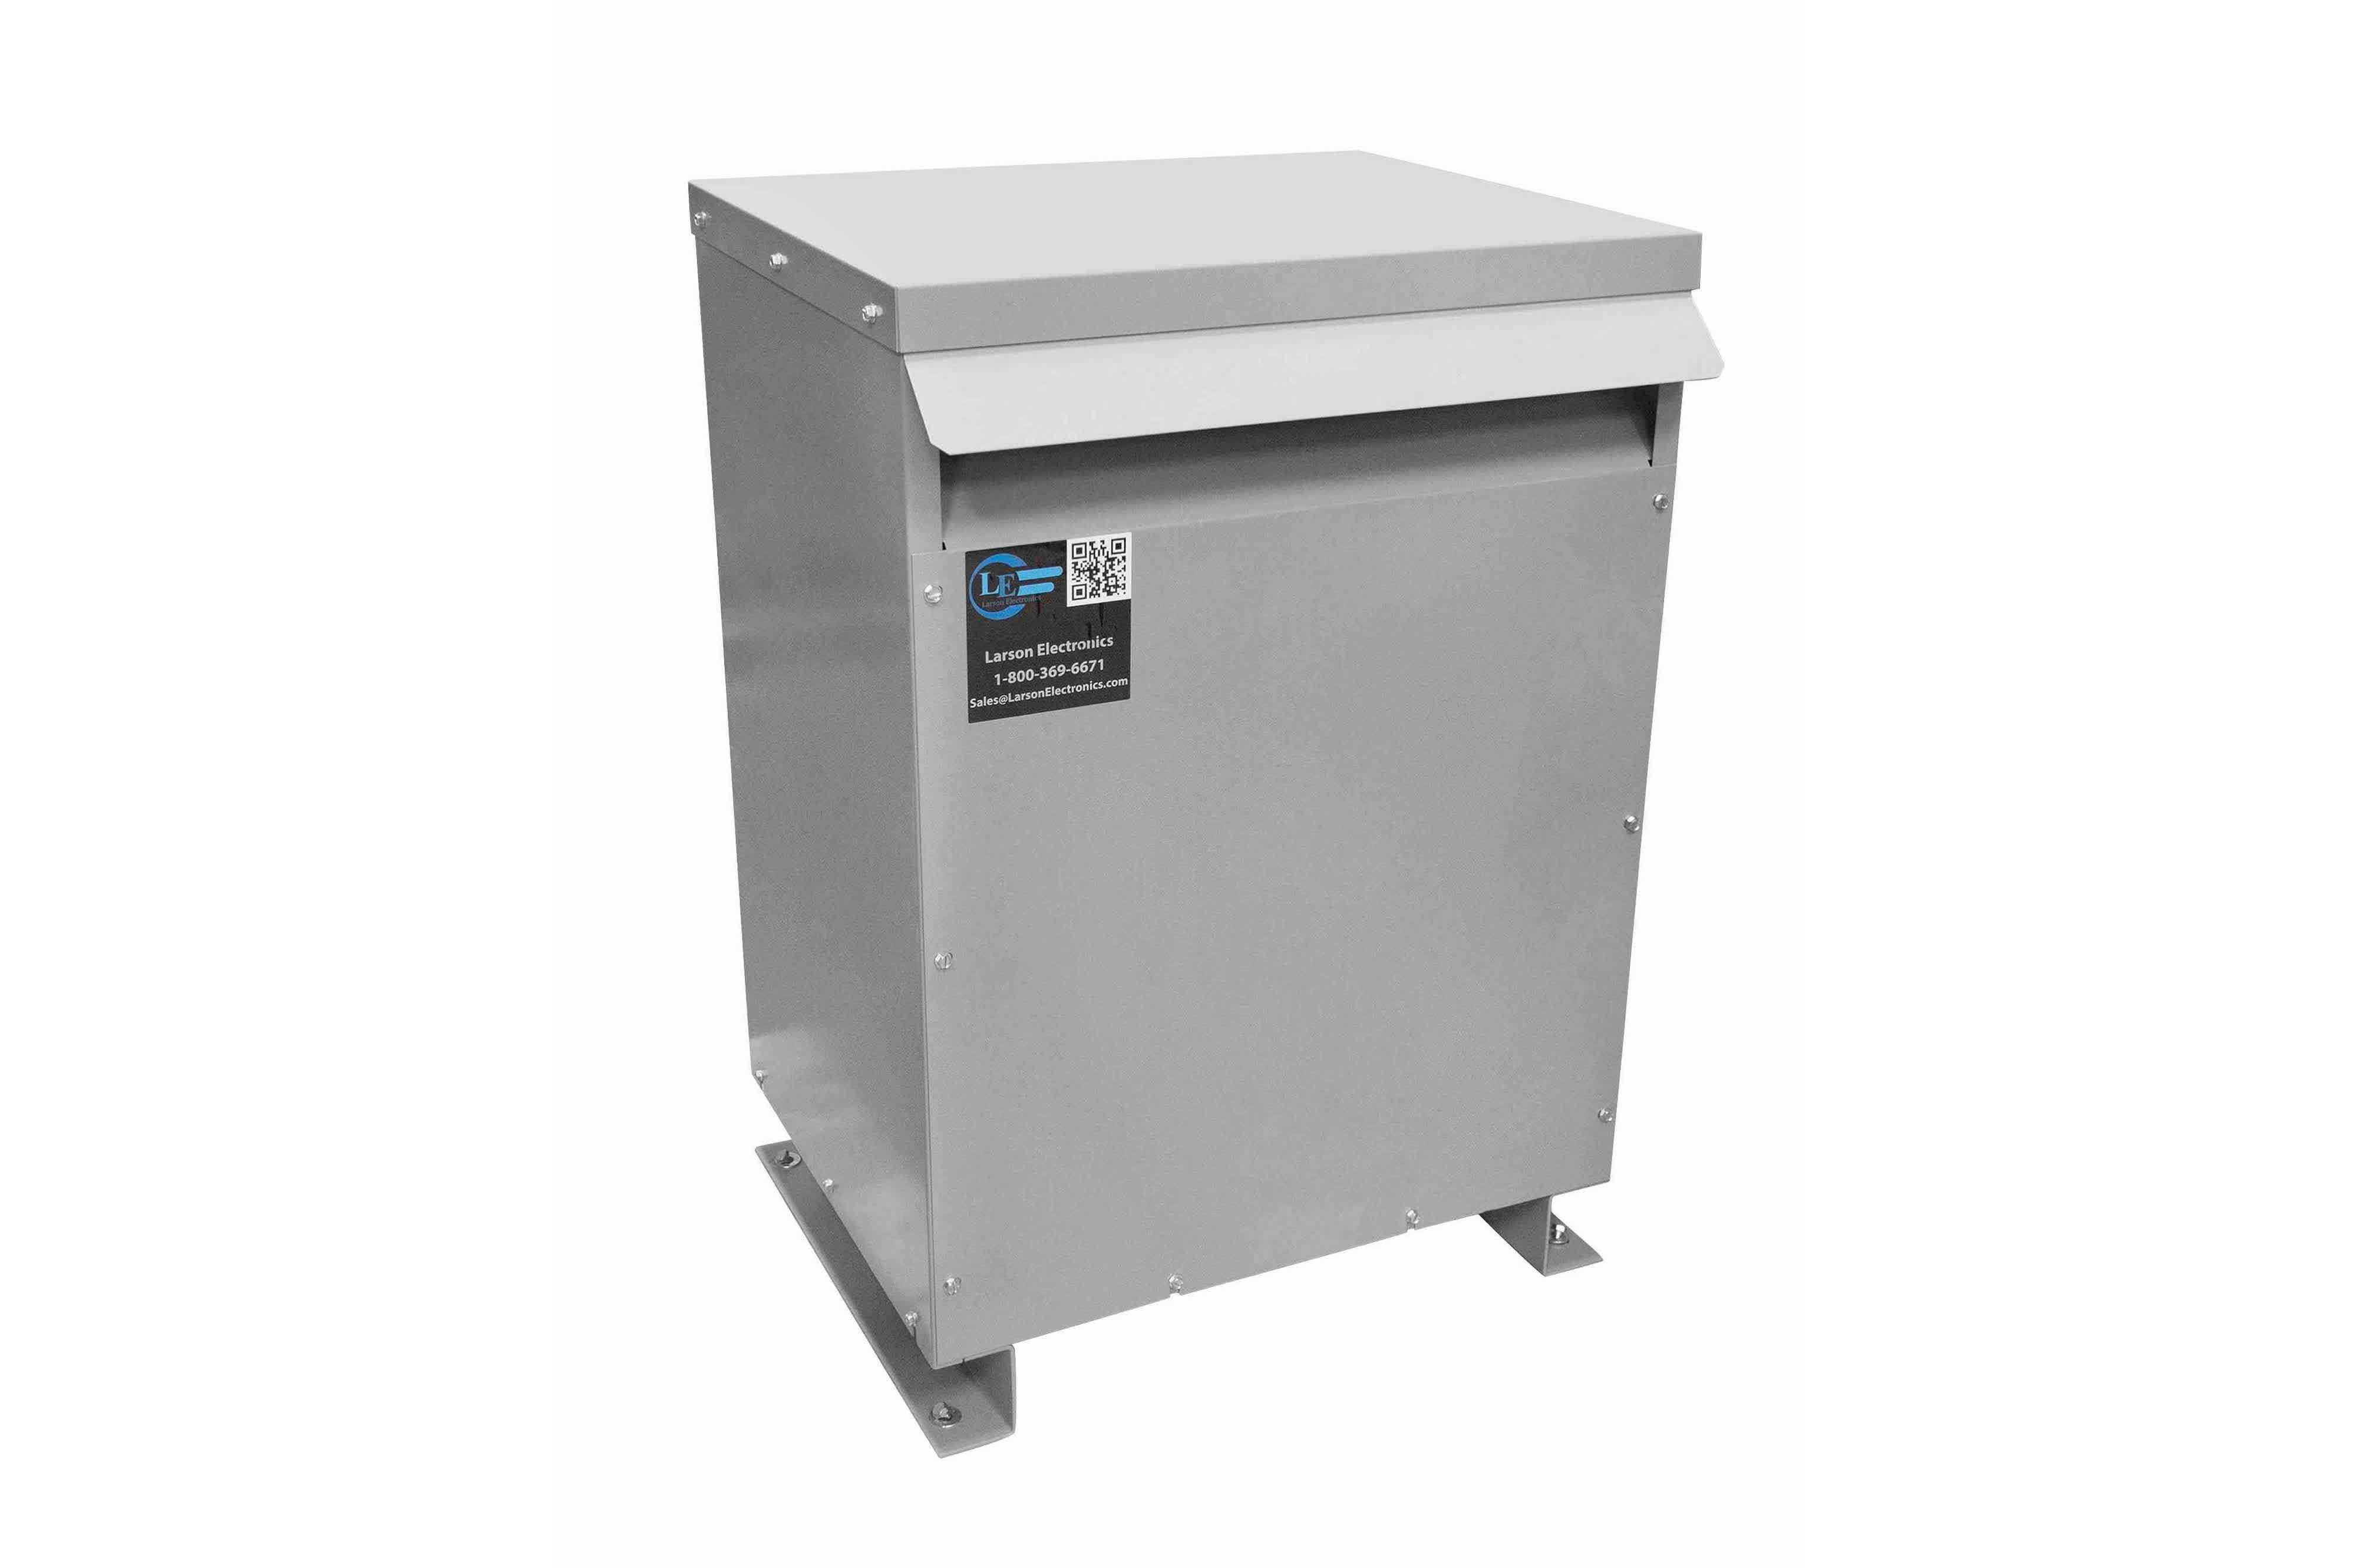 175 kVA 3PH Isolation Transformer, 240V Delta Primary, 480V Delta Secondary, N3R, Ventilated, 60 Hz